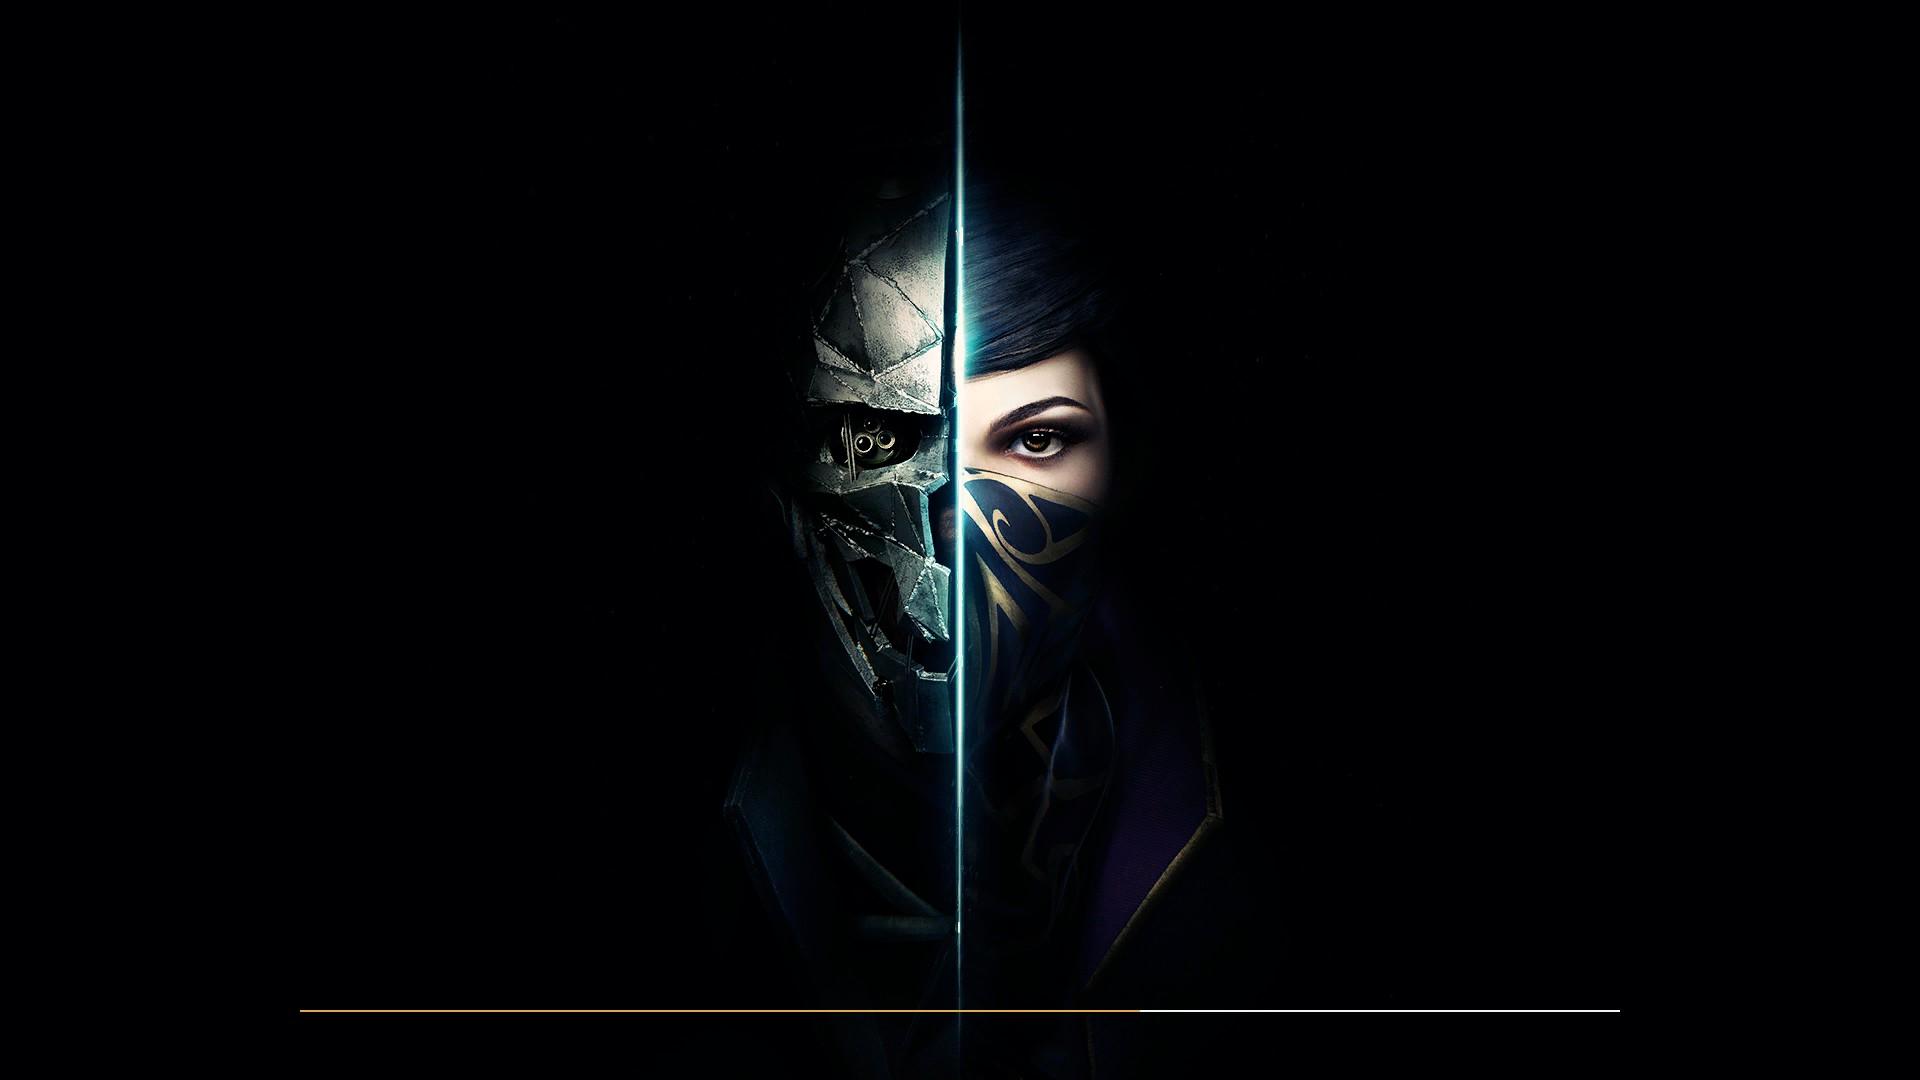 20191010030926_1.jpg - Dishonored 2